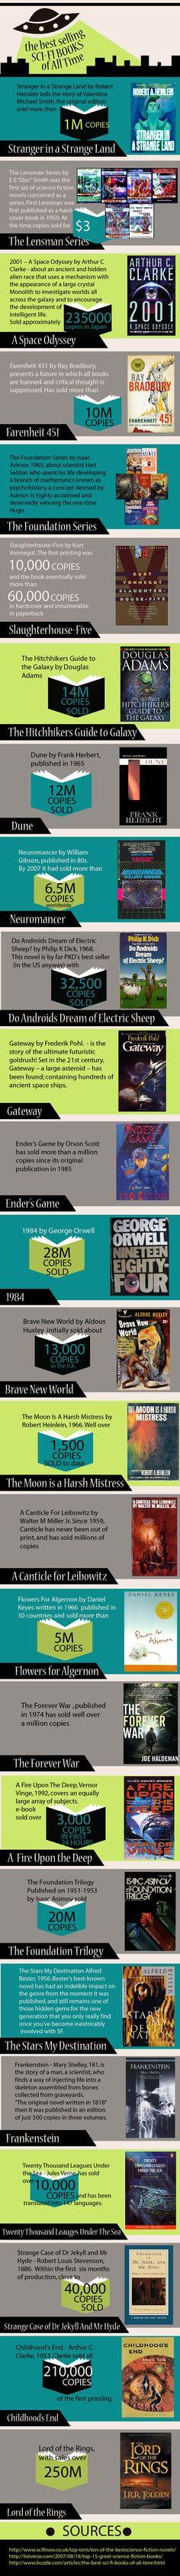 Los libros de ciencia-ficción más vendidos de todos los tiempos